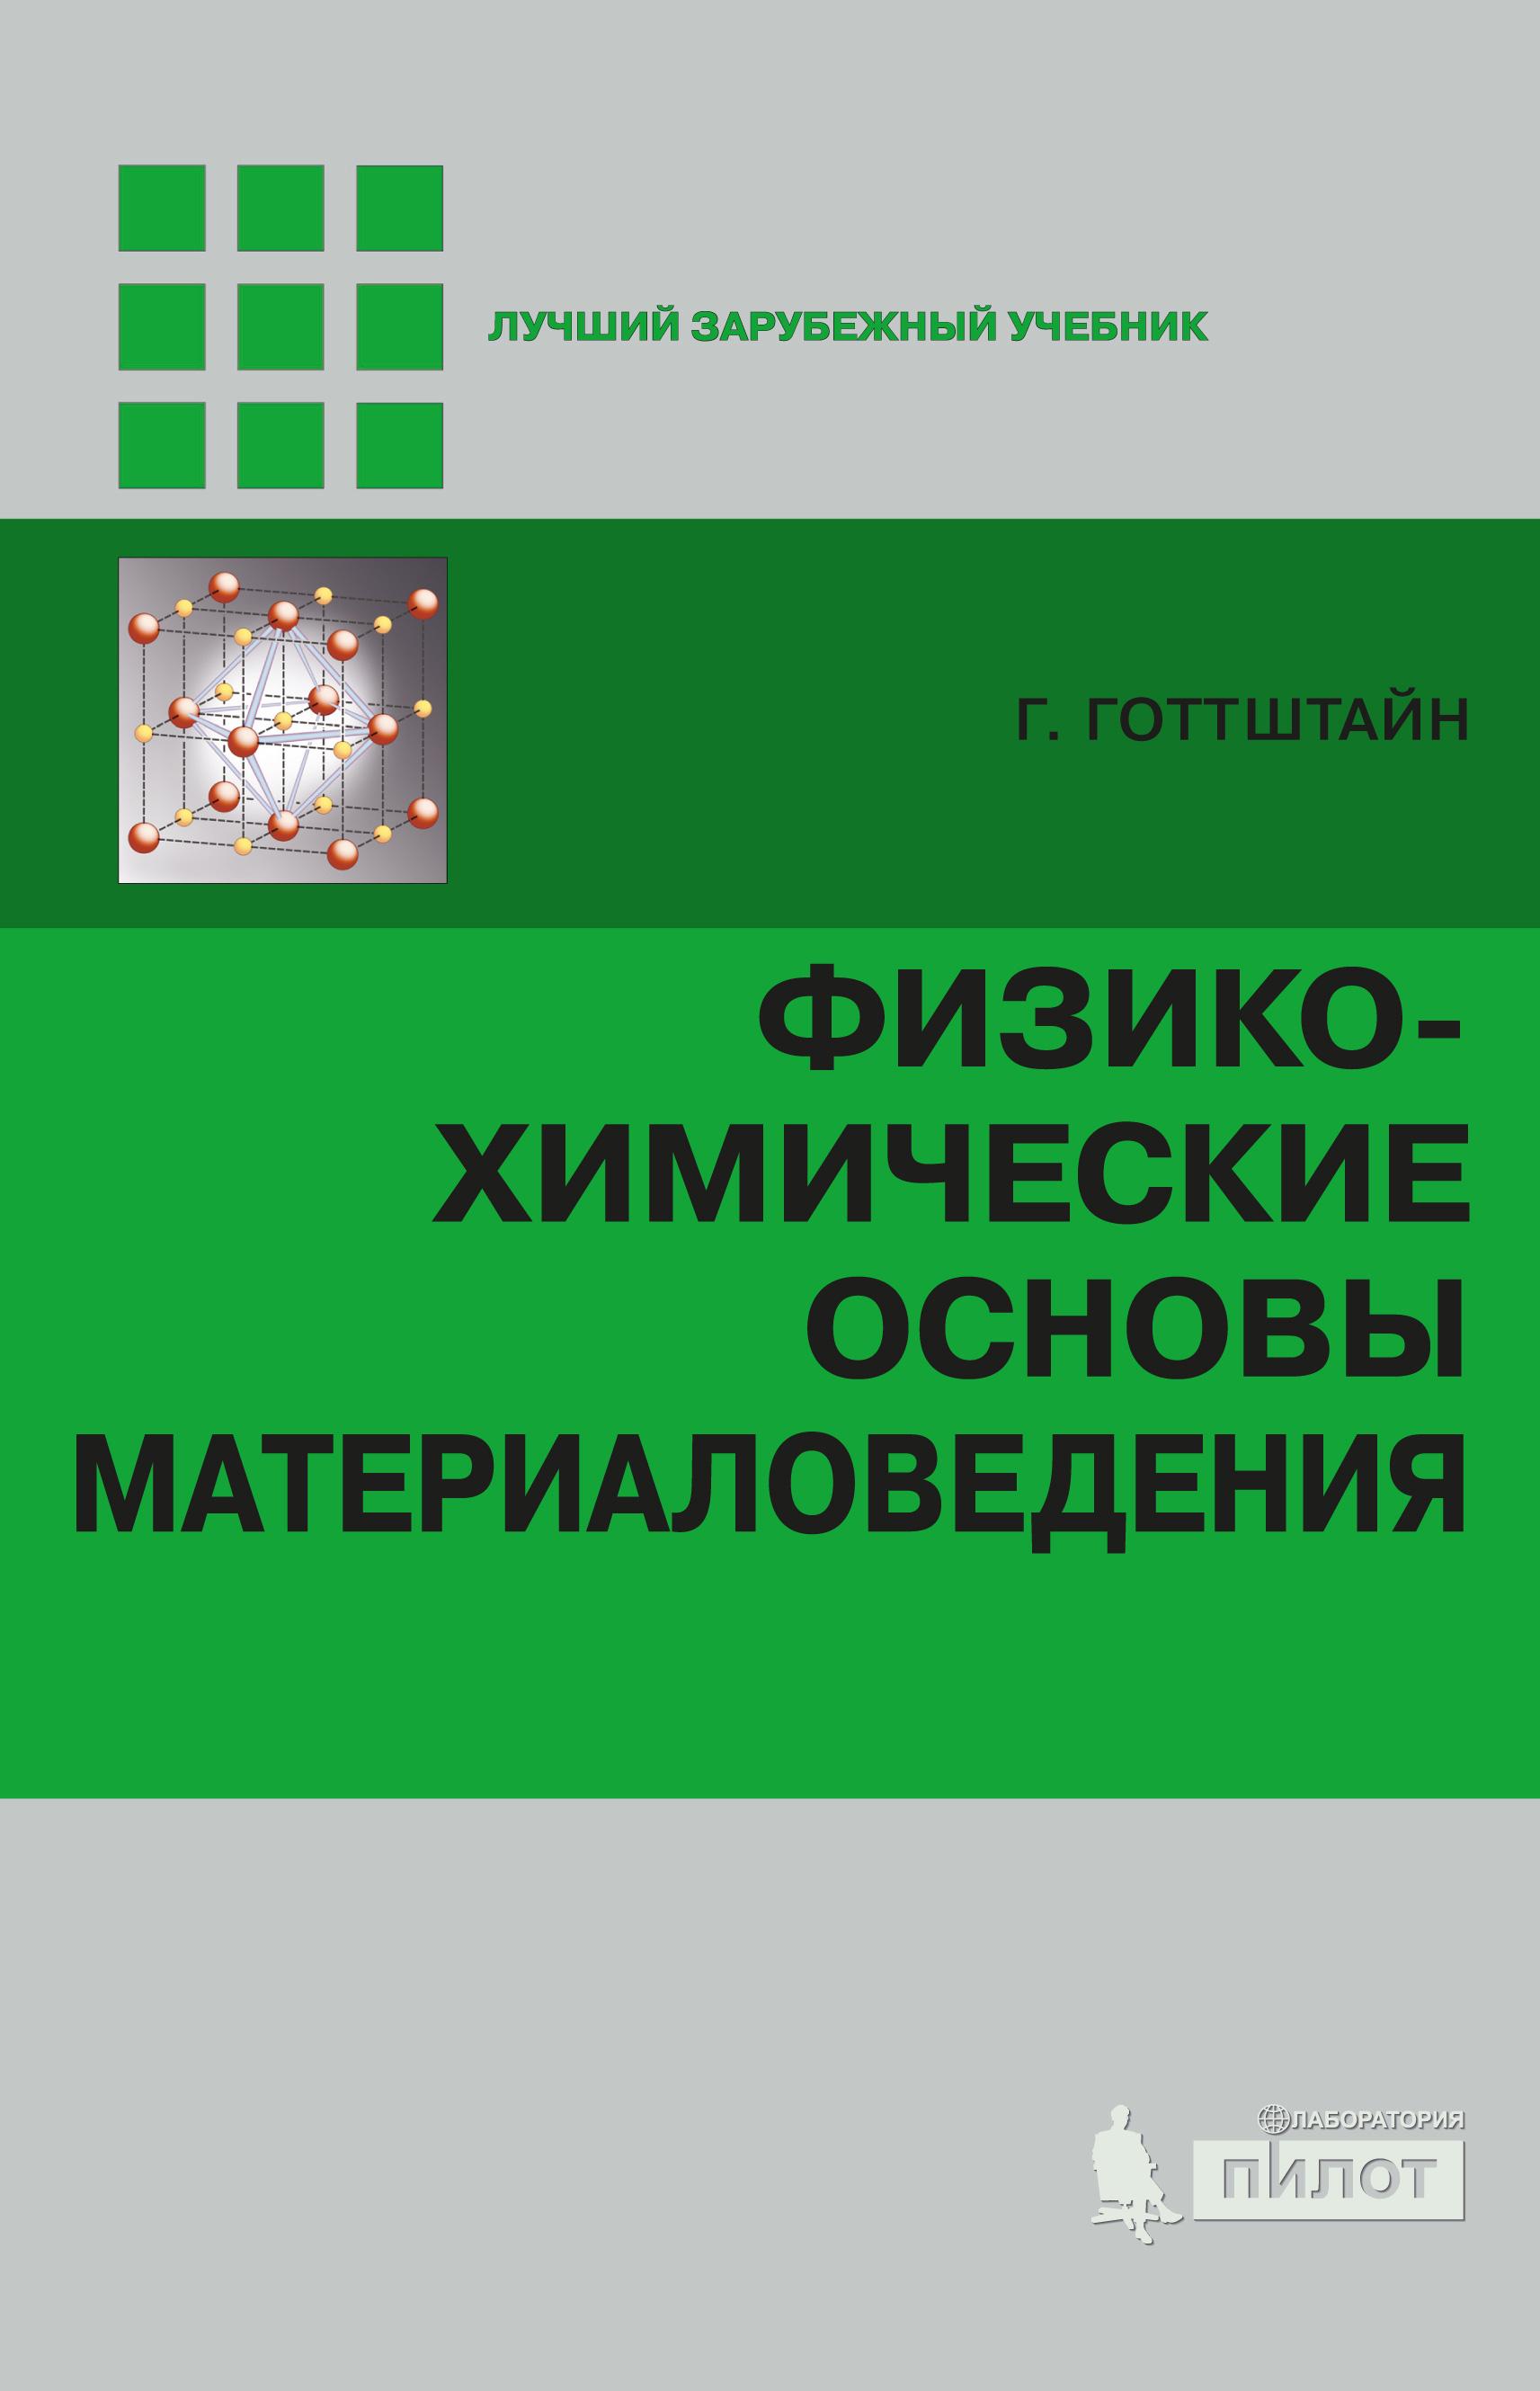 Гюнтер Готтштайн Физико-химические основы материаловедения толстые плёнки радиоэлектроники физико технические основы гетероструктурные среды